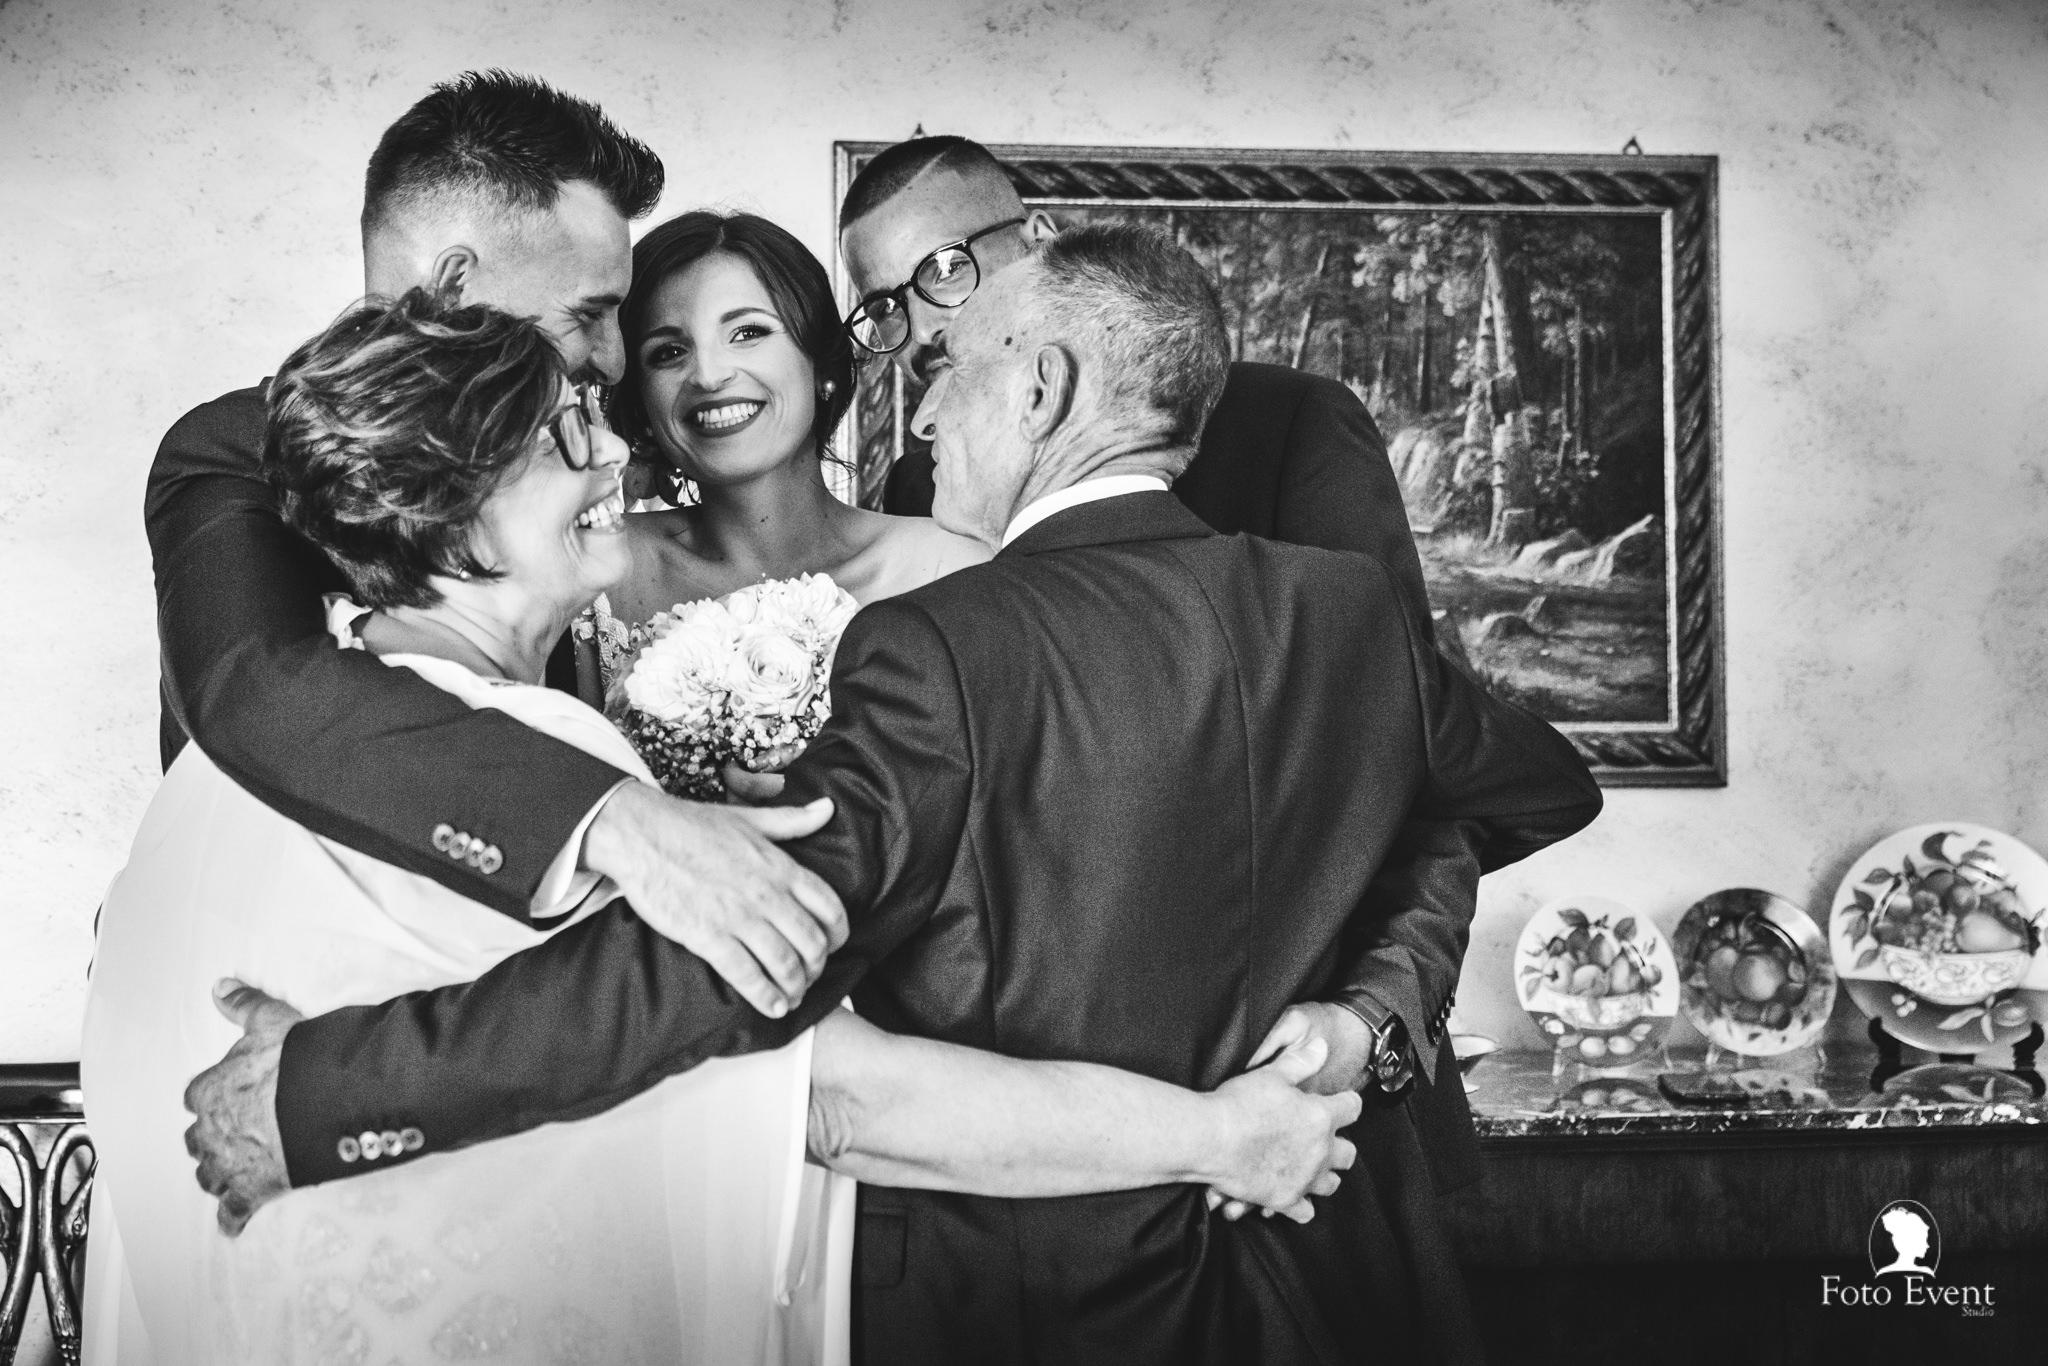 017-2019-09-09-Matrimonio-Dorotea-e-Alberto-Iemmolo-5DE-516-Edit